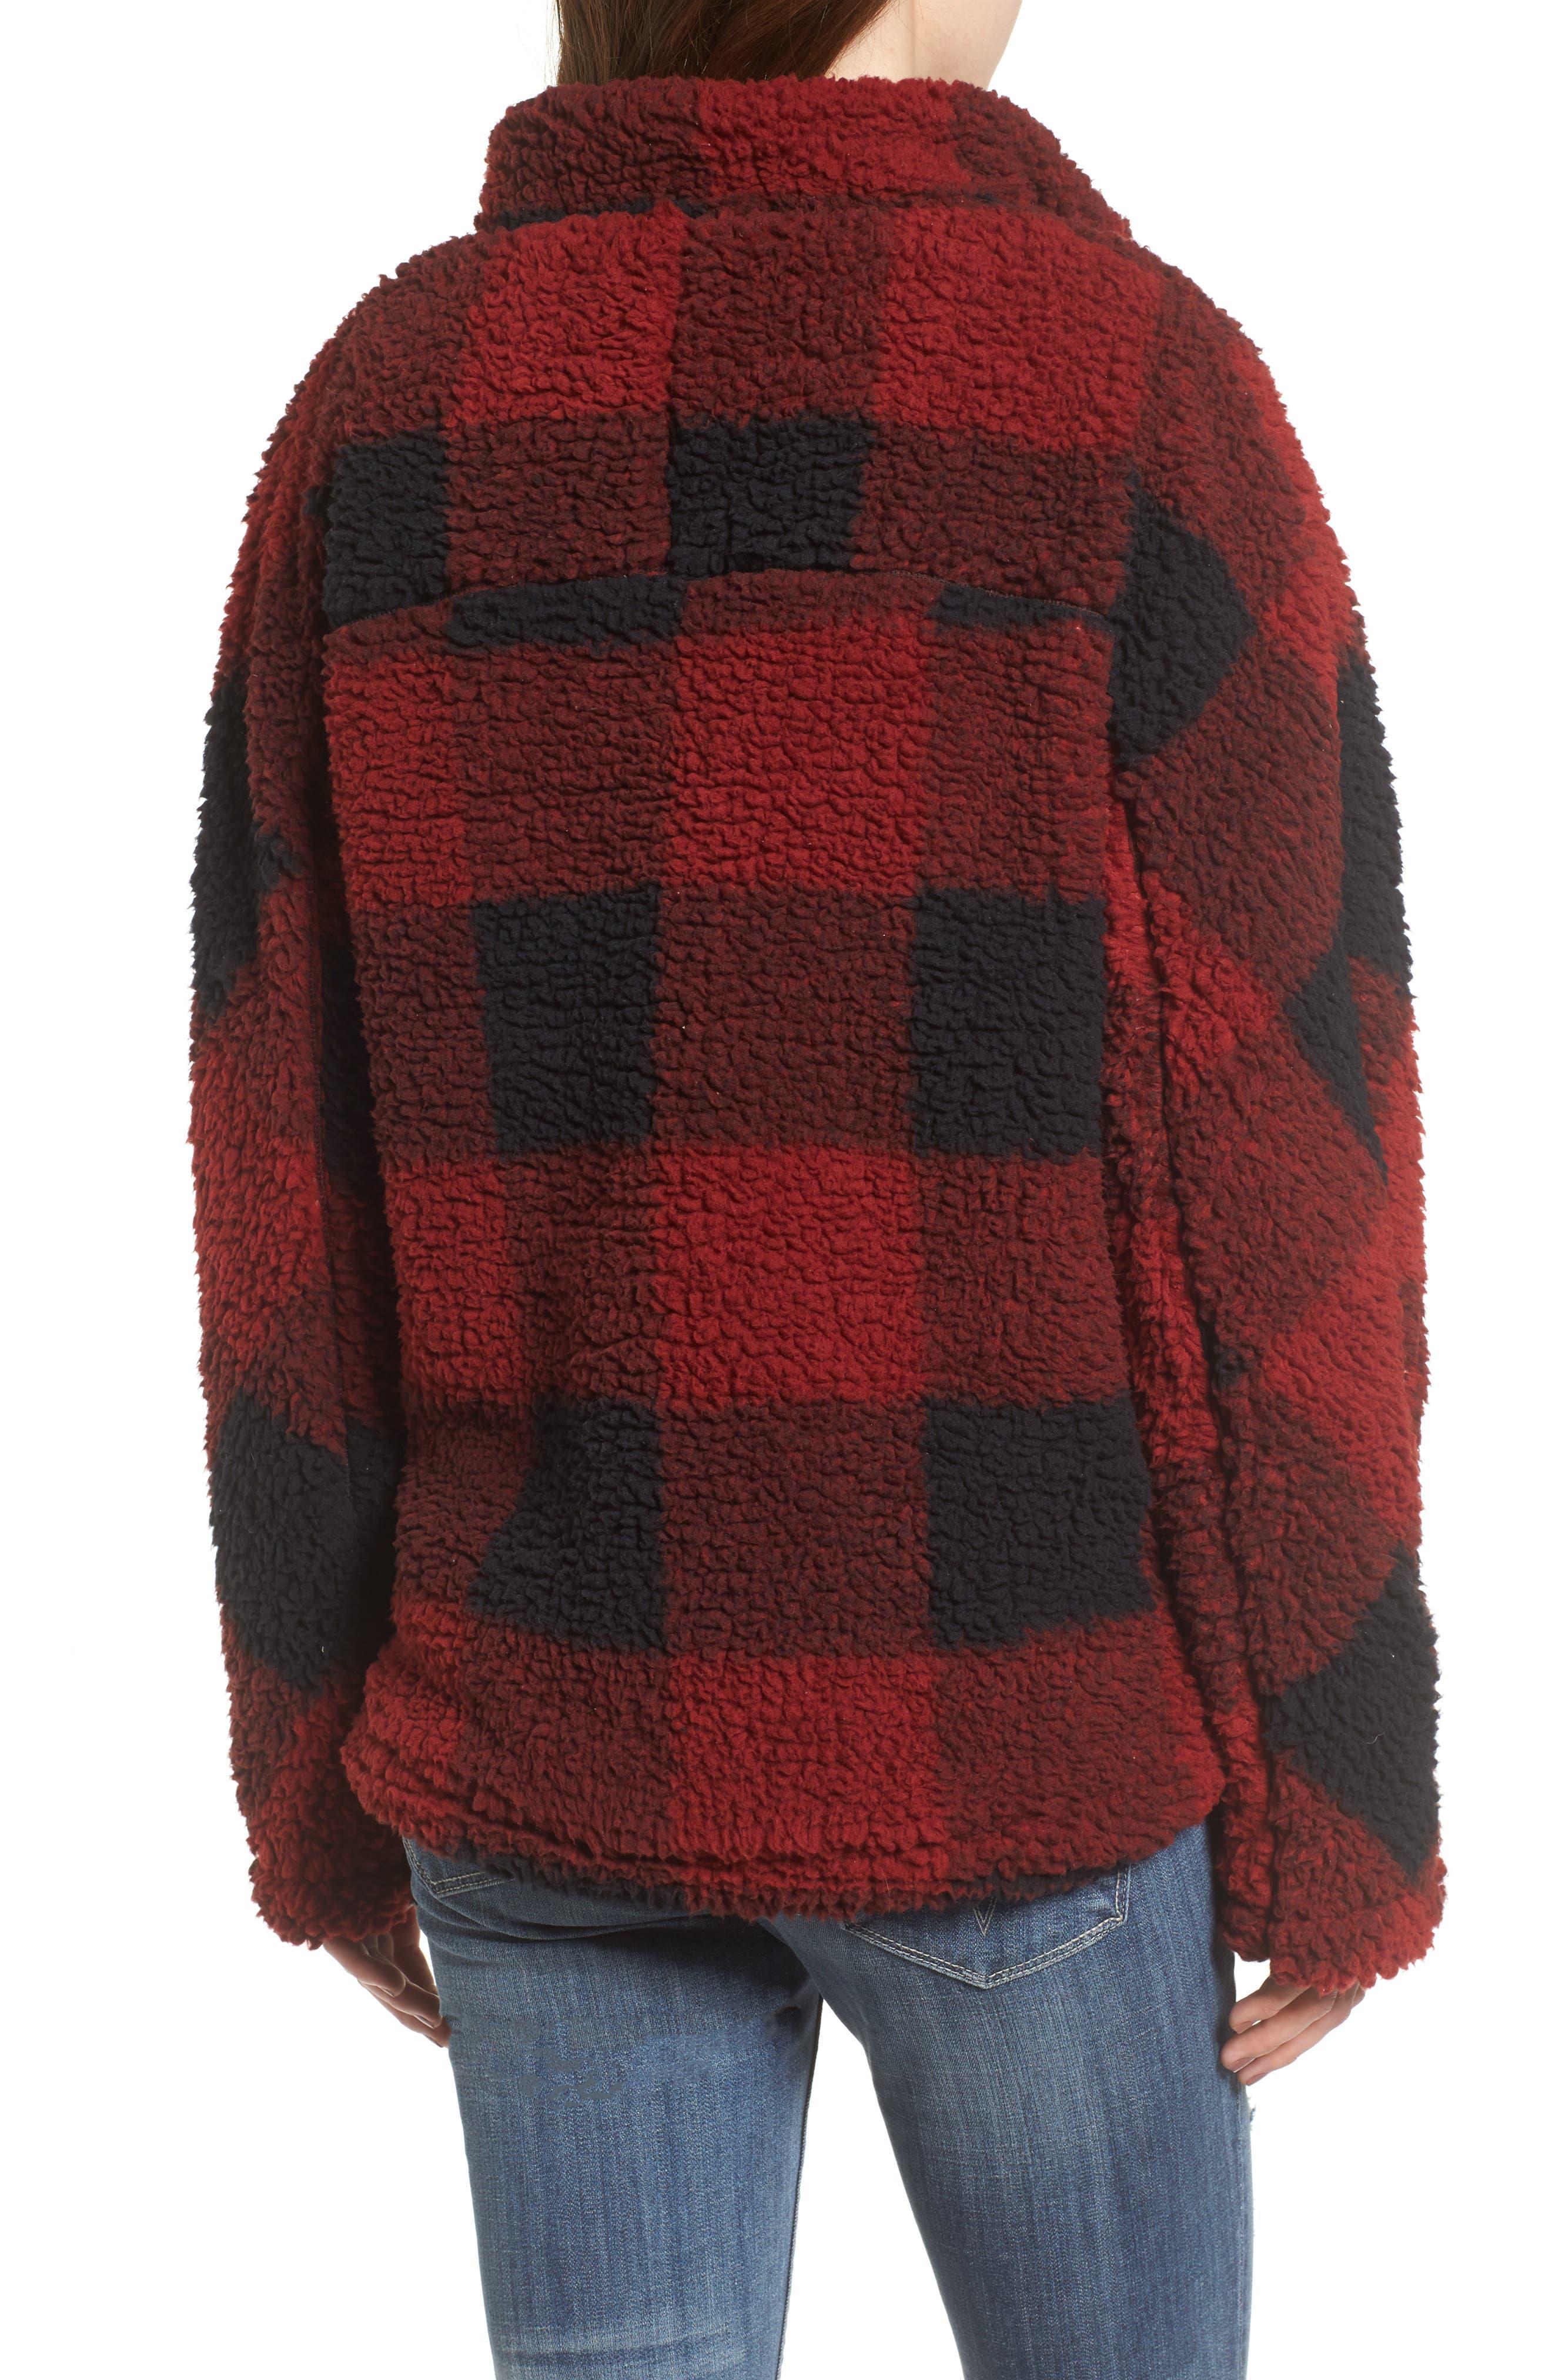 Wubby Fleece Pullover,                             Alternate thumbnail 15, color,